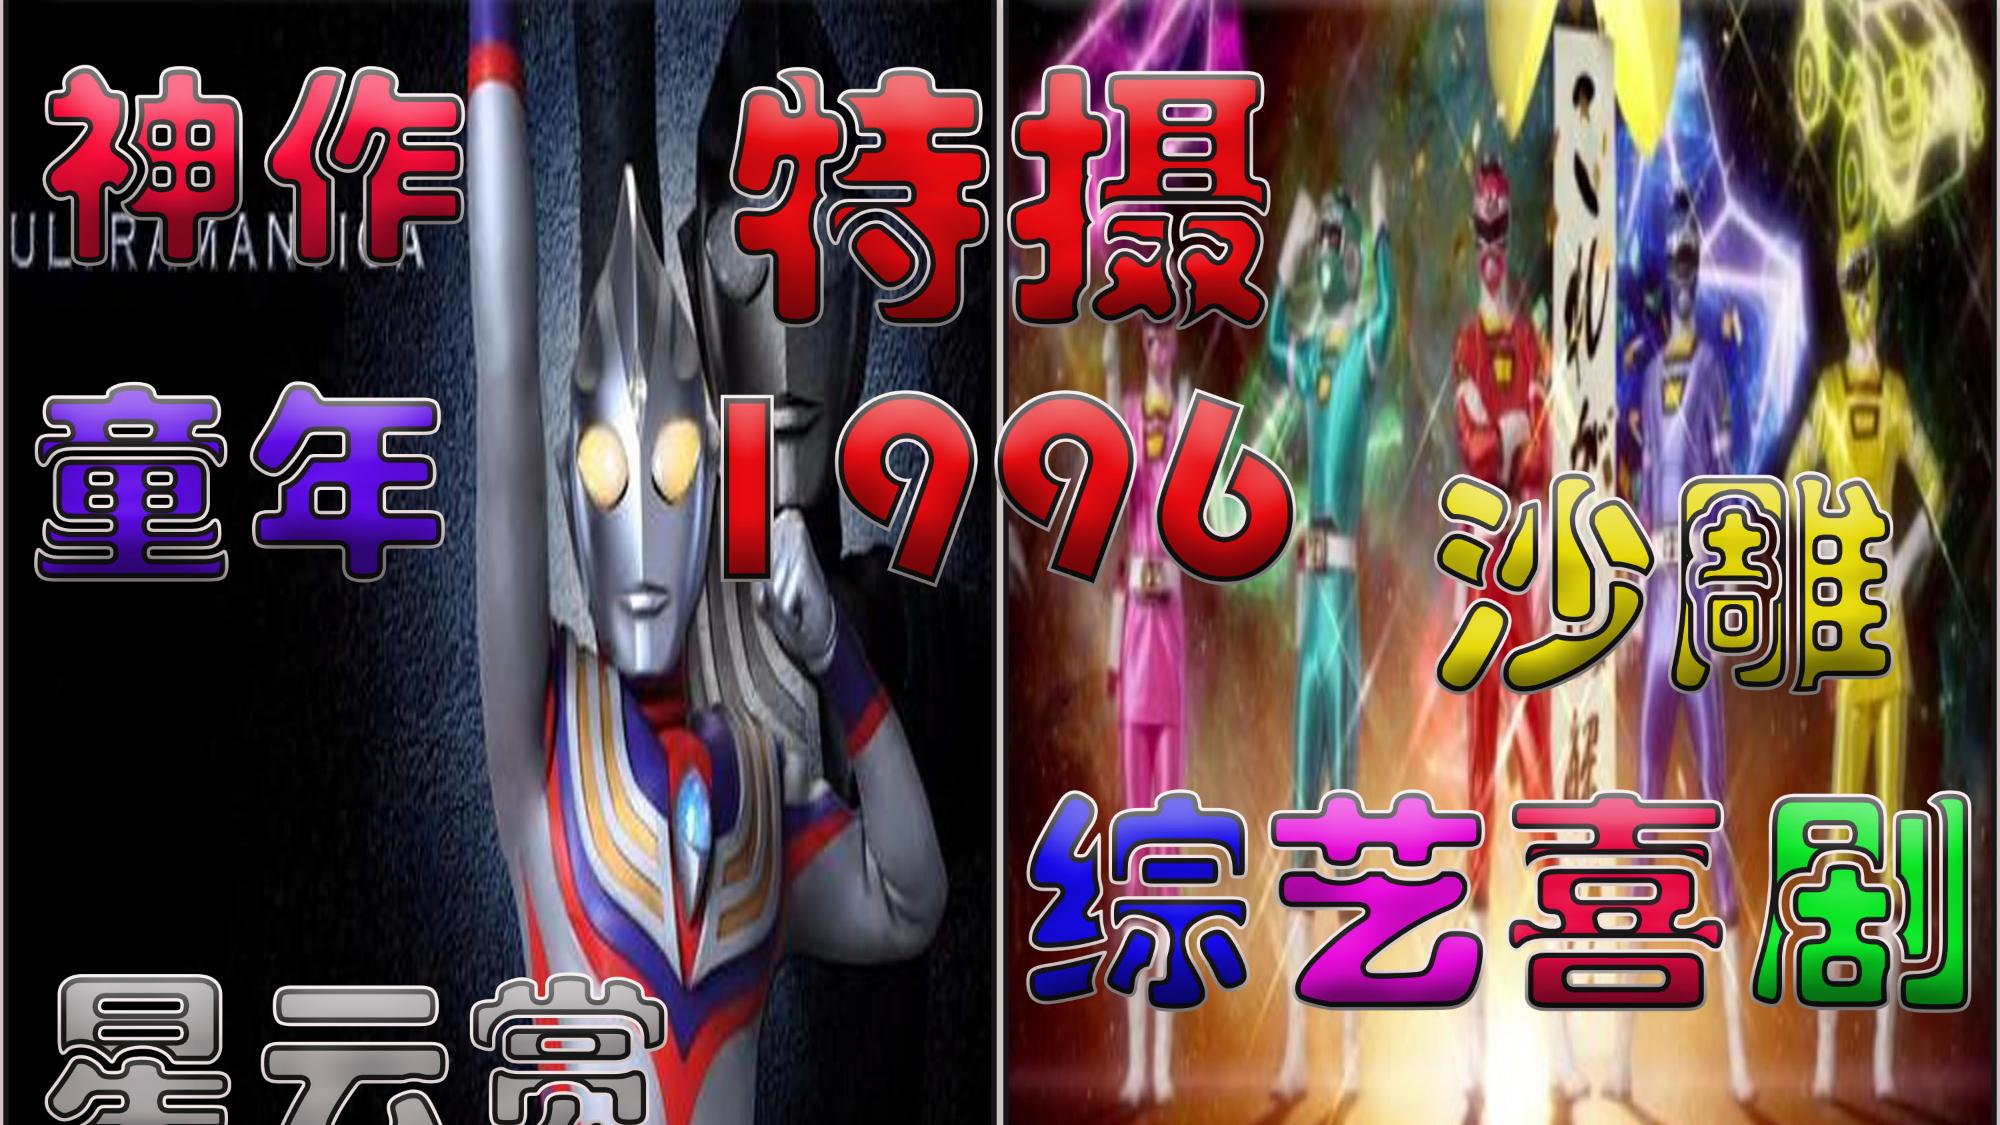 【囧说特摄】超古代光之巨人与沙雕战队1996